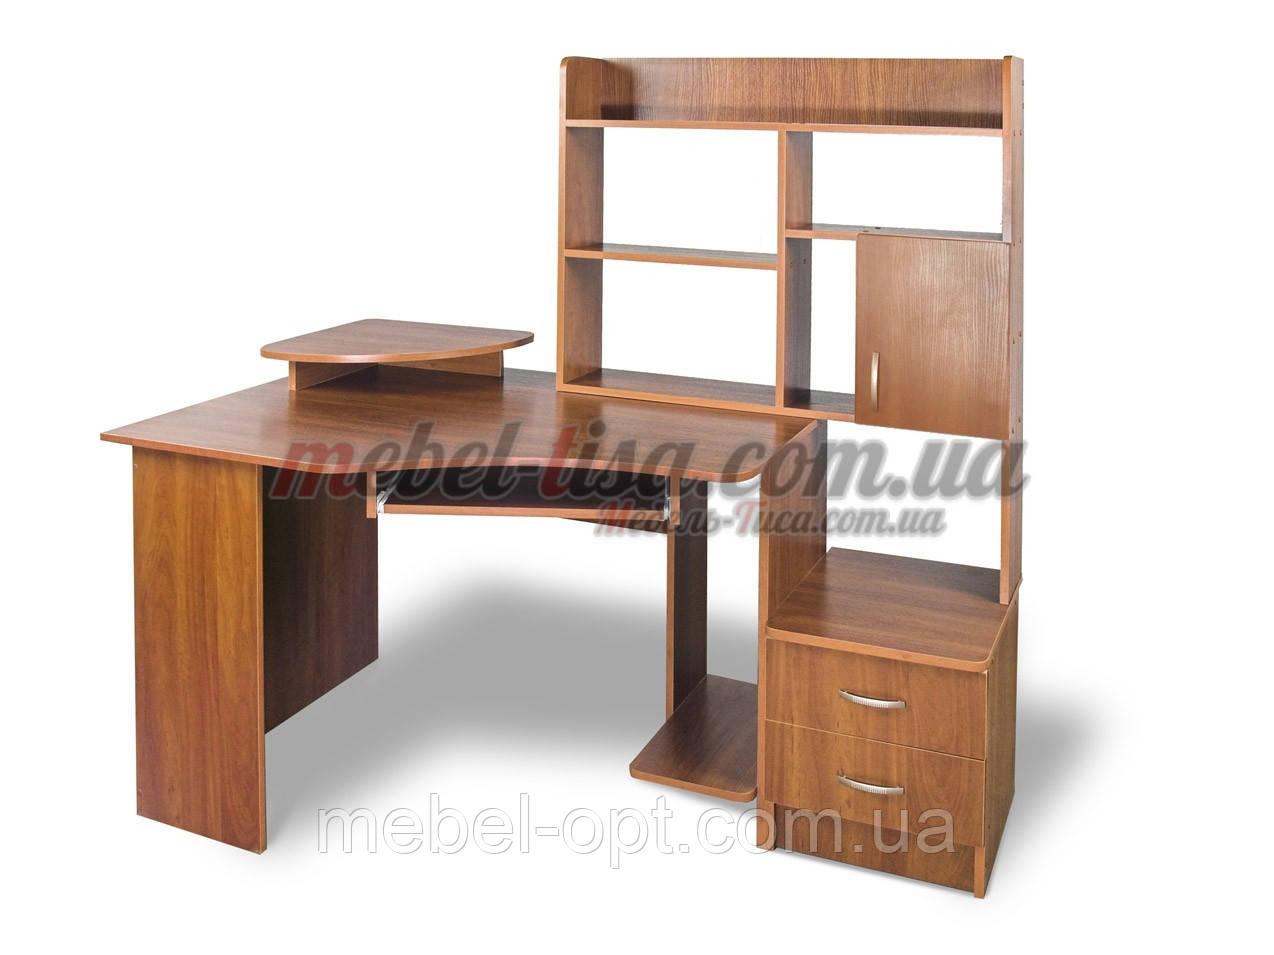 Стол компьютерный с надстройкой Эксклюзив-2, прямой компьютерный стол